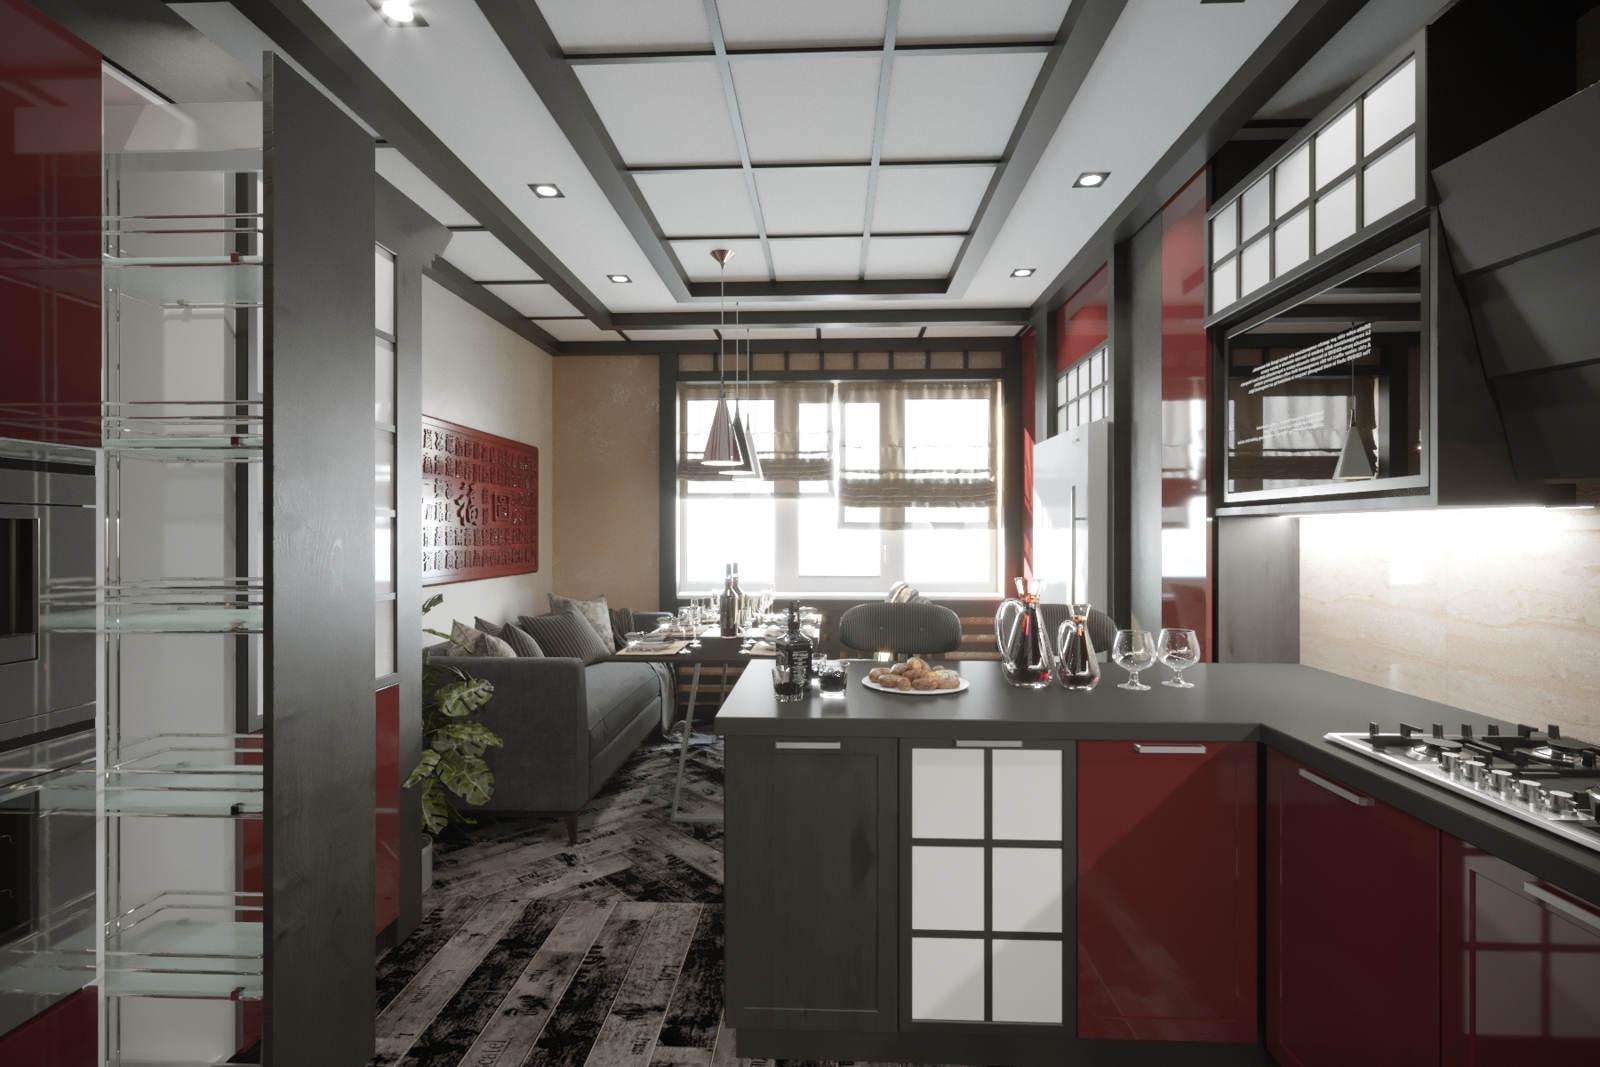 Дизайн кухни с диваном Киев. китайский стиль интерьера квартиры